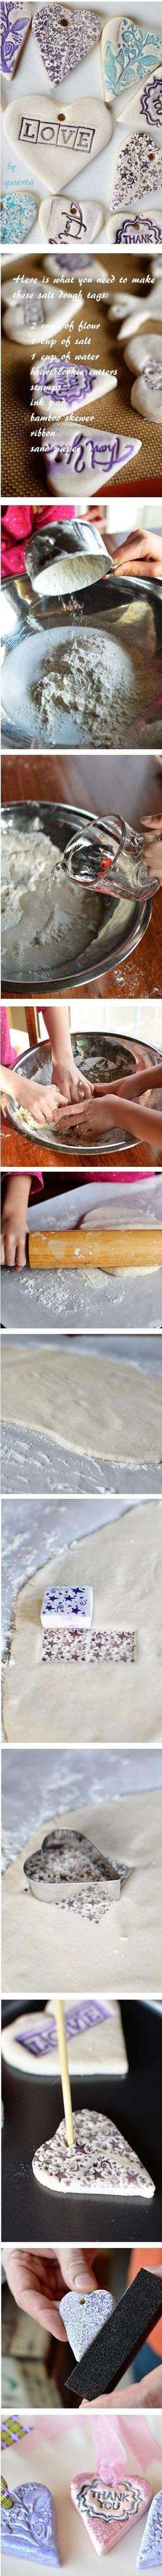 唯美的印花饼干,绝对会舍不得吃